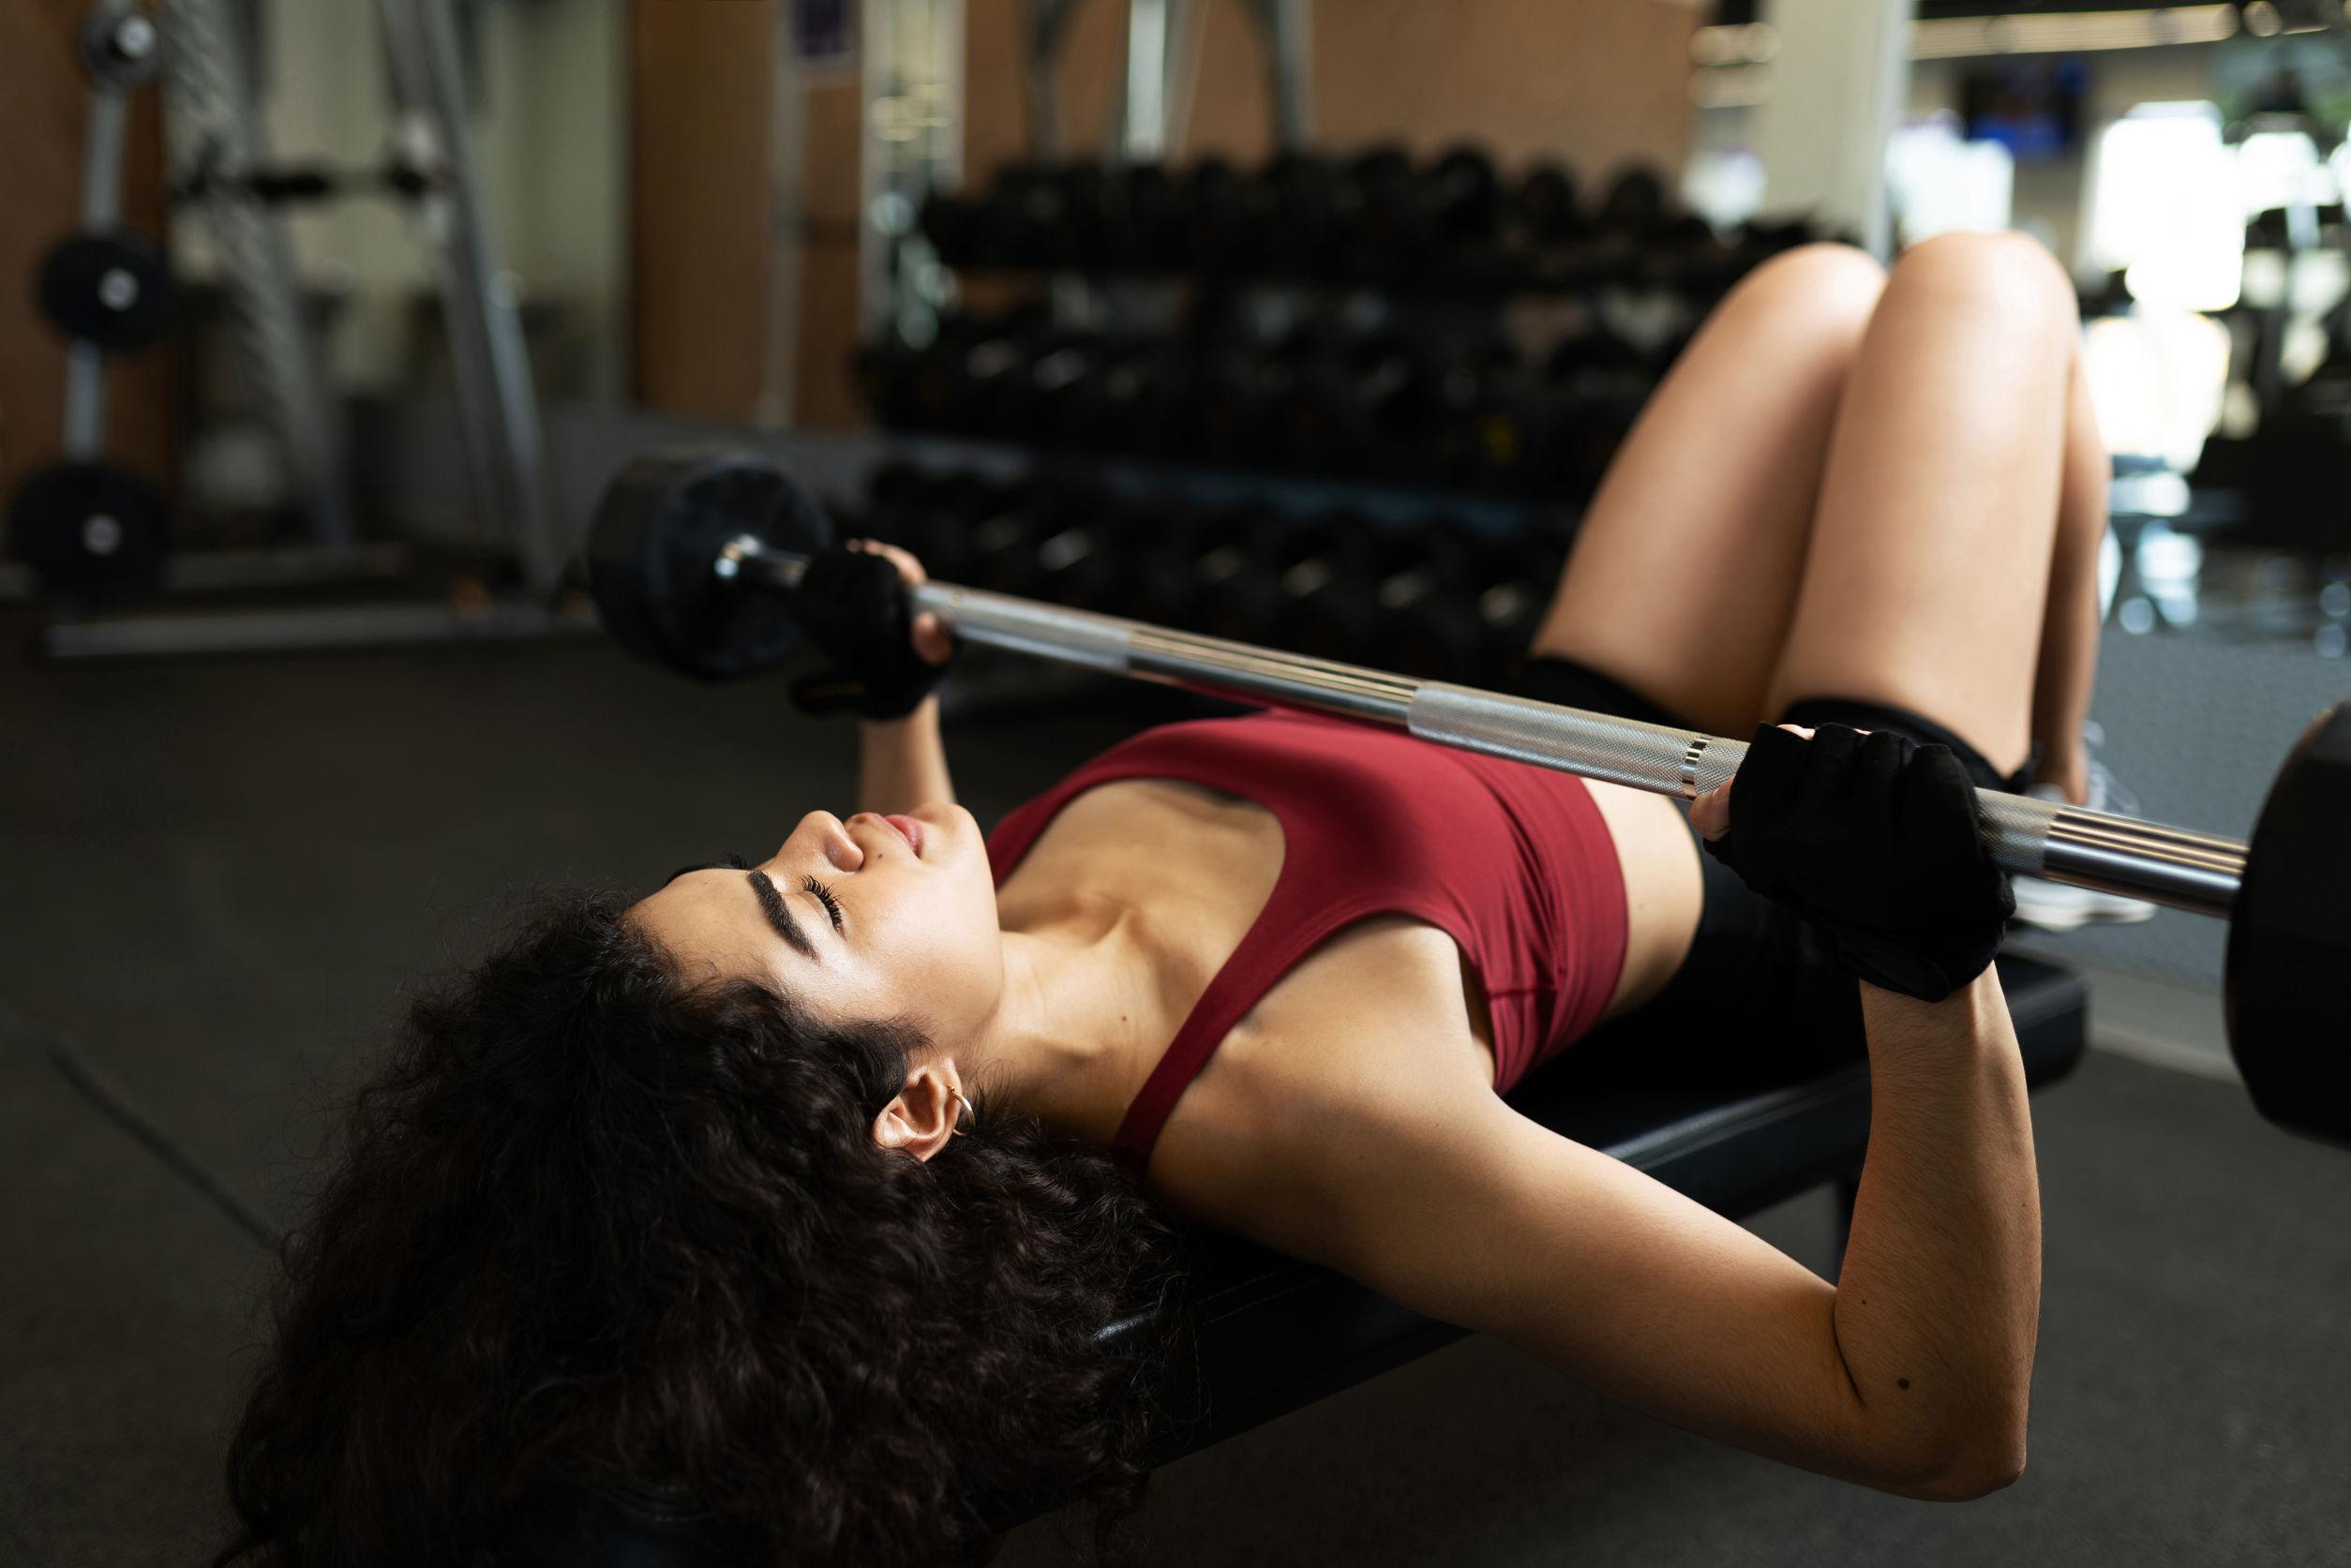 Mujer joven a punto de levantar una barra y acostada en un banco en un gimnasio